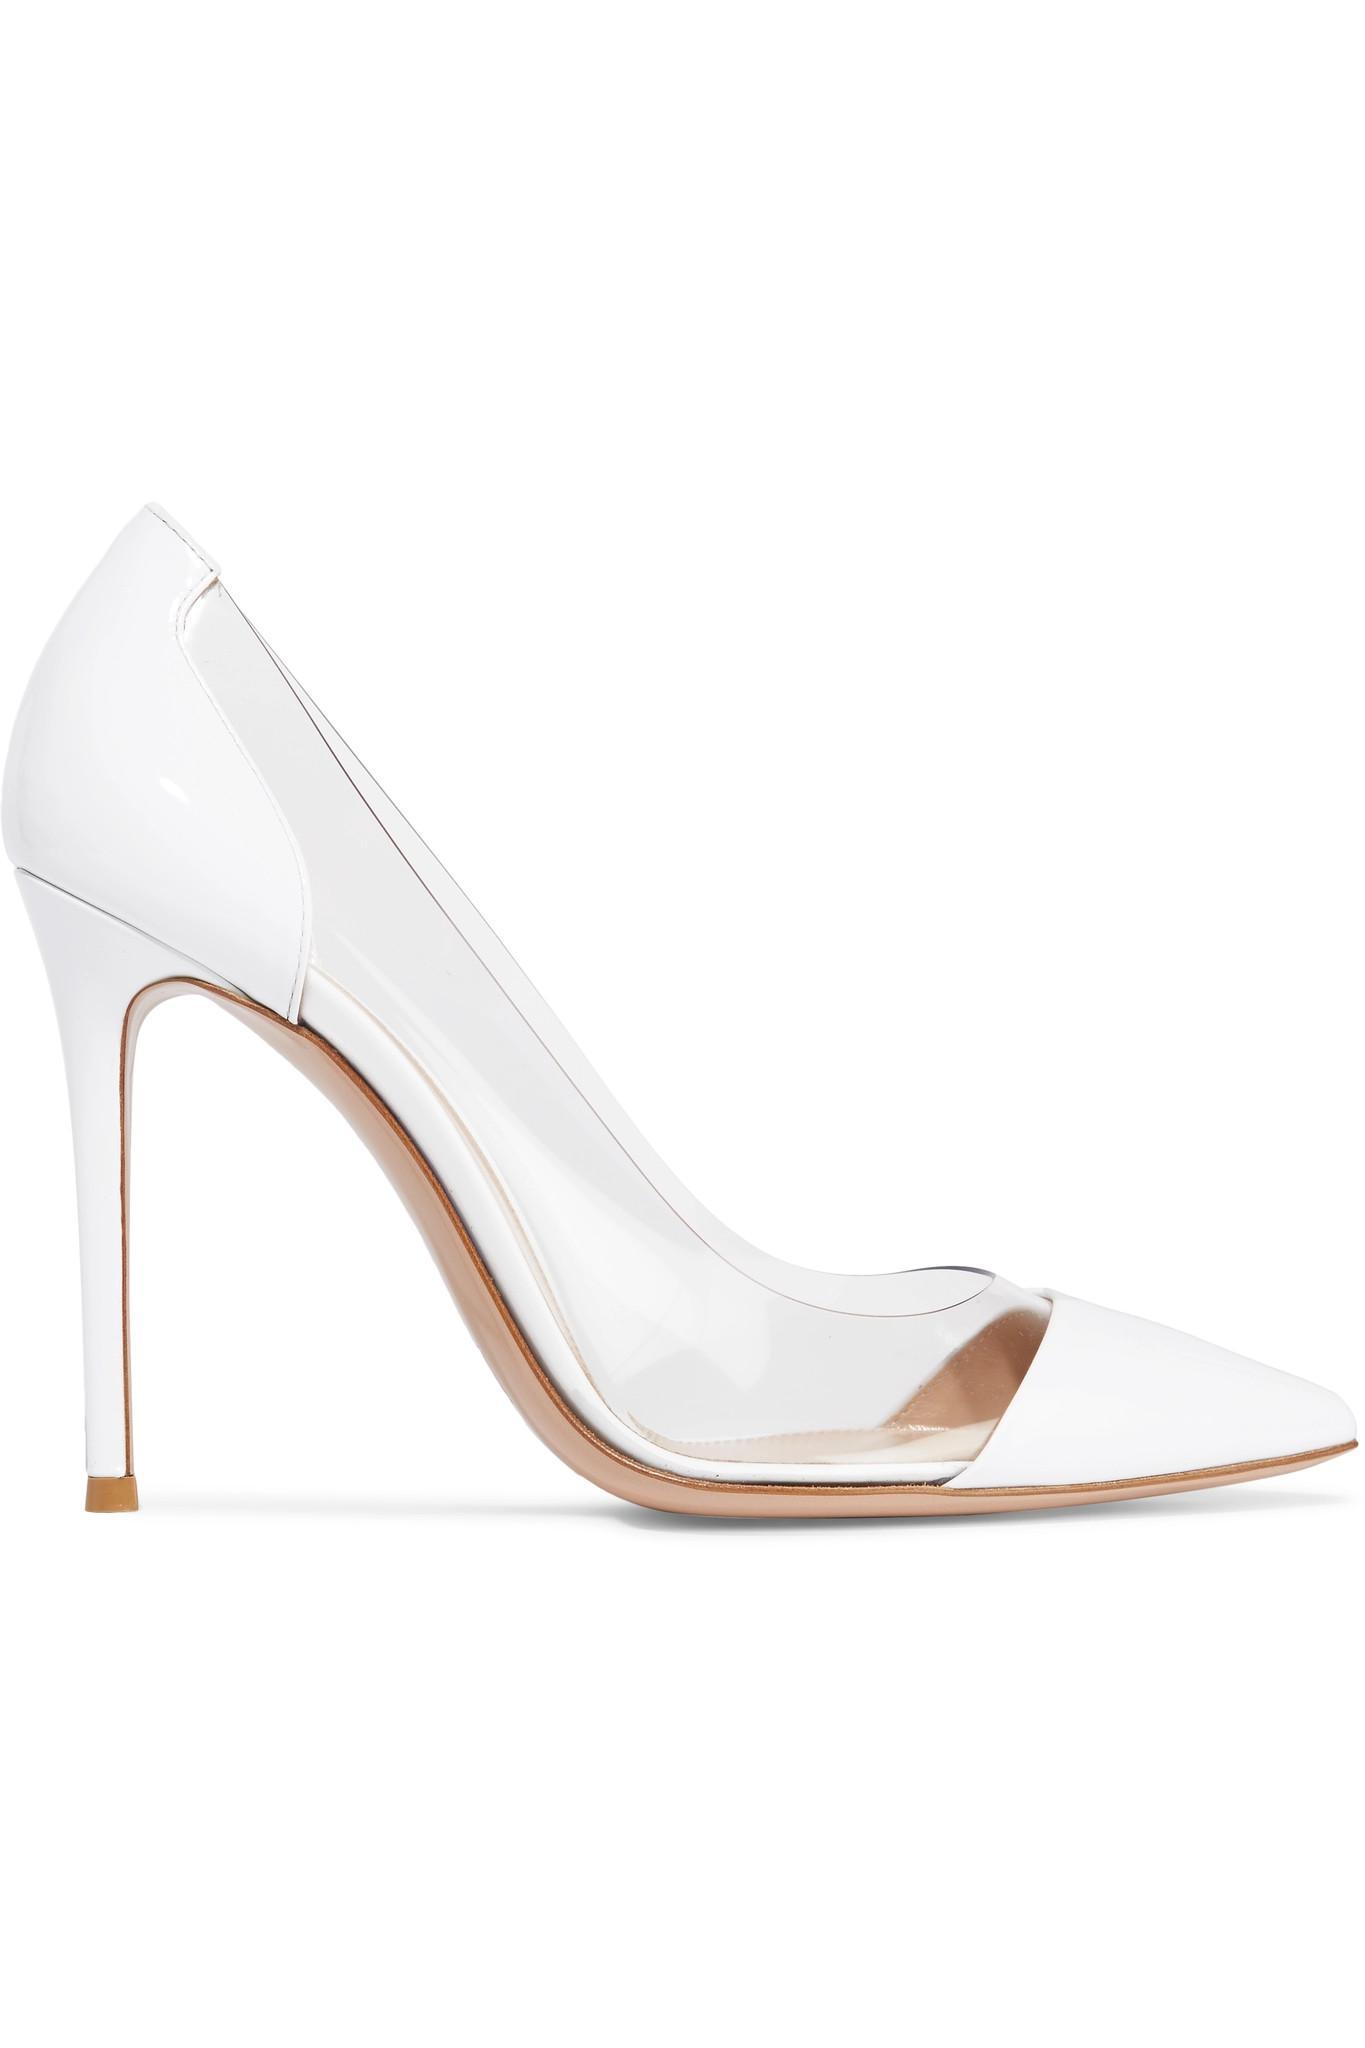 564d279c6f978f gianvito-rossi-white-Plexi-105-Patent-leather-And-Pvc-Pumps.jpeg